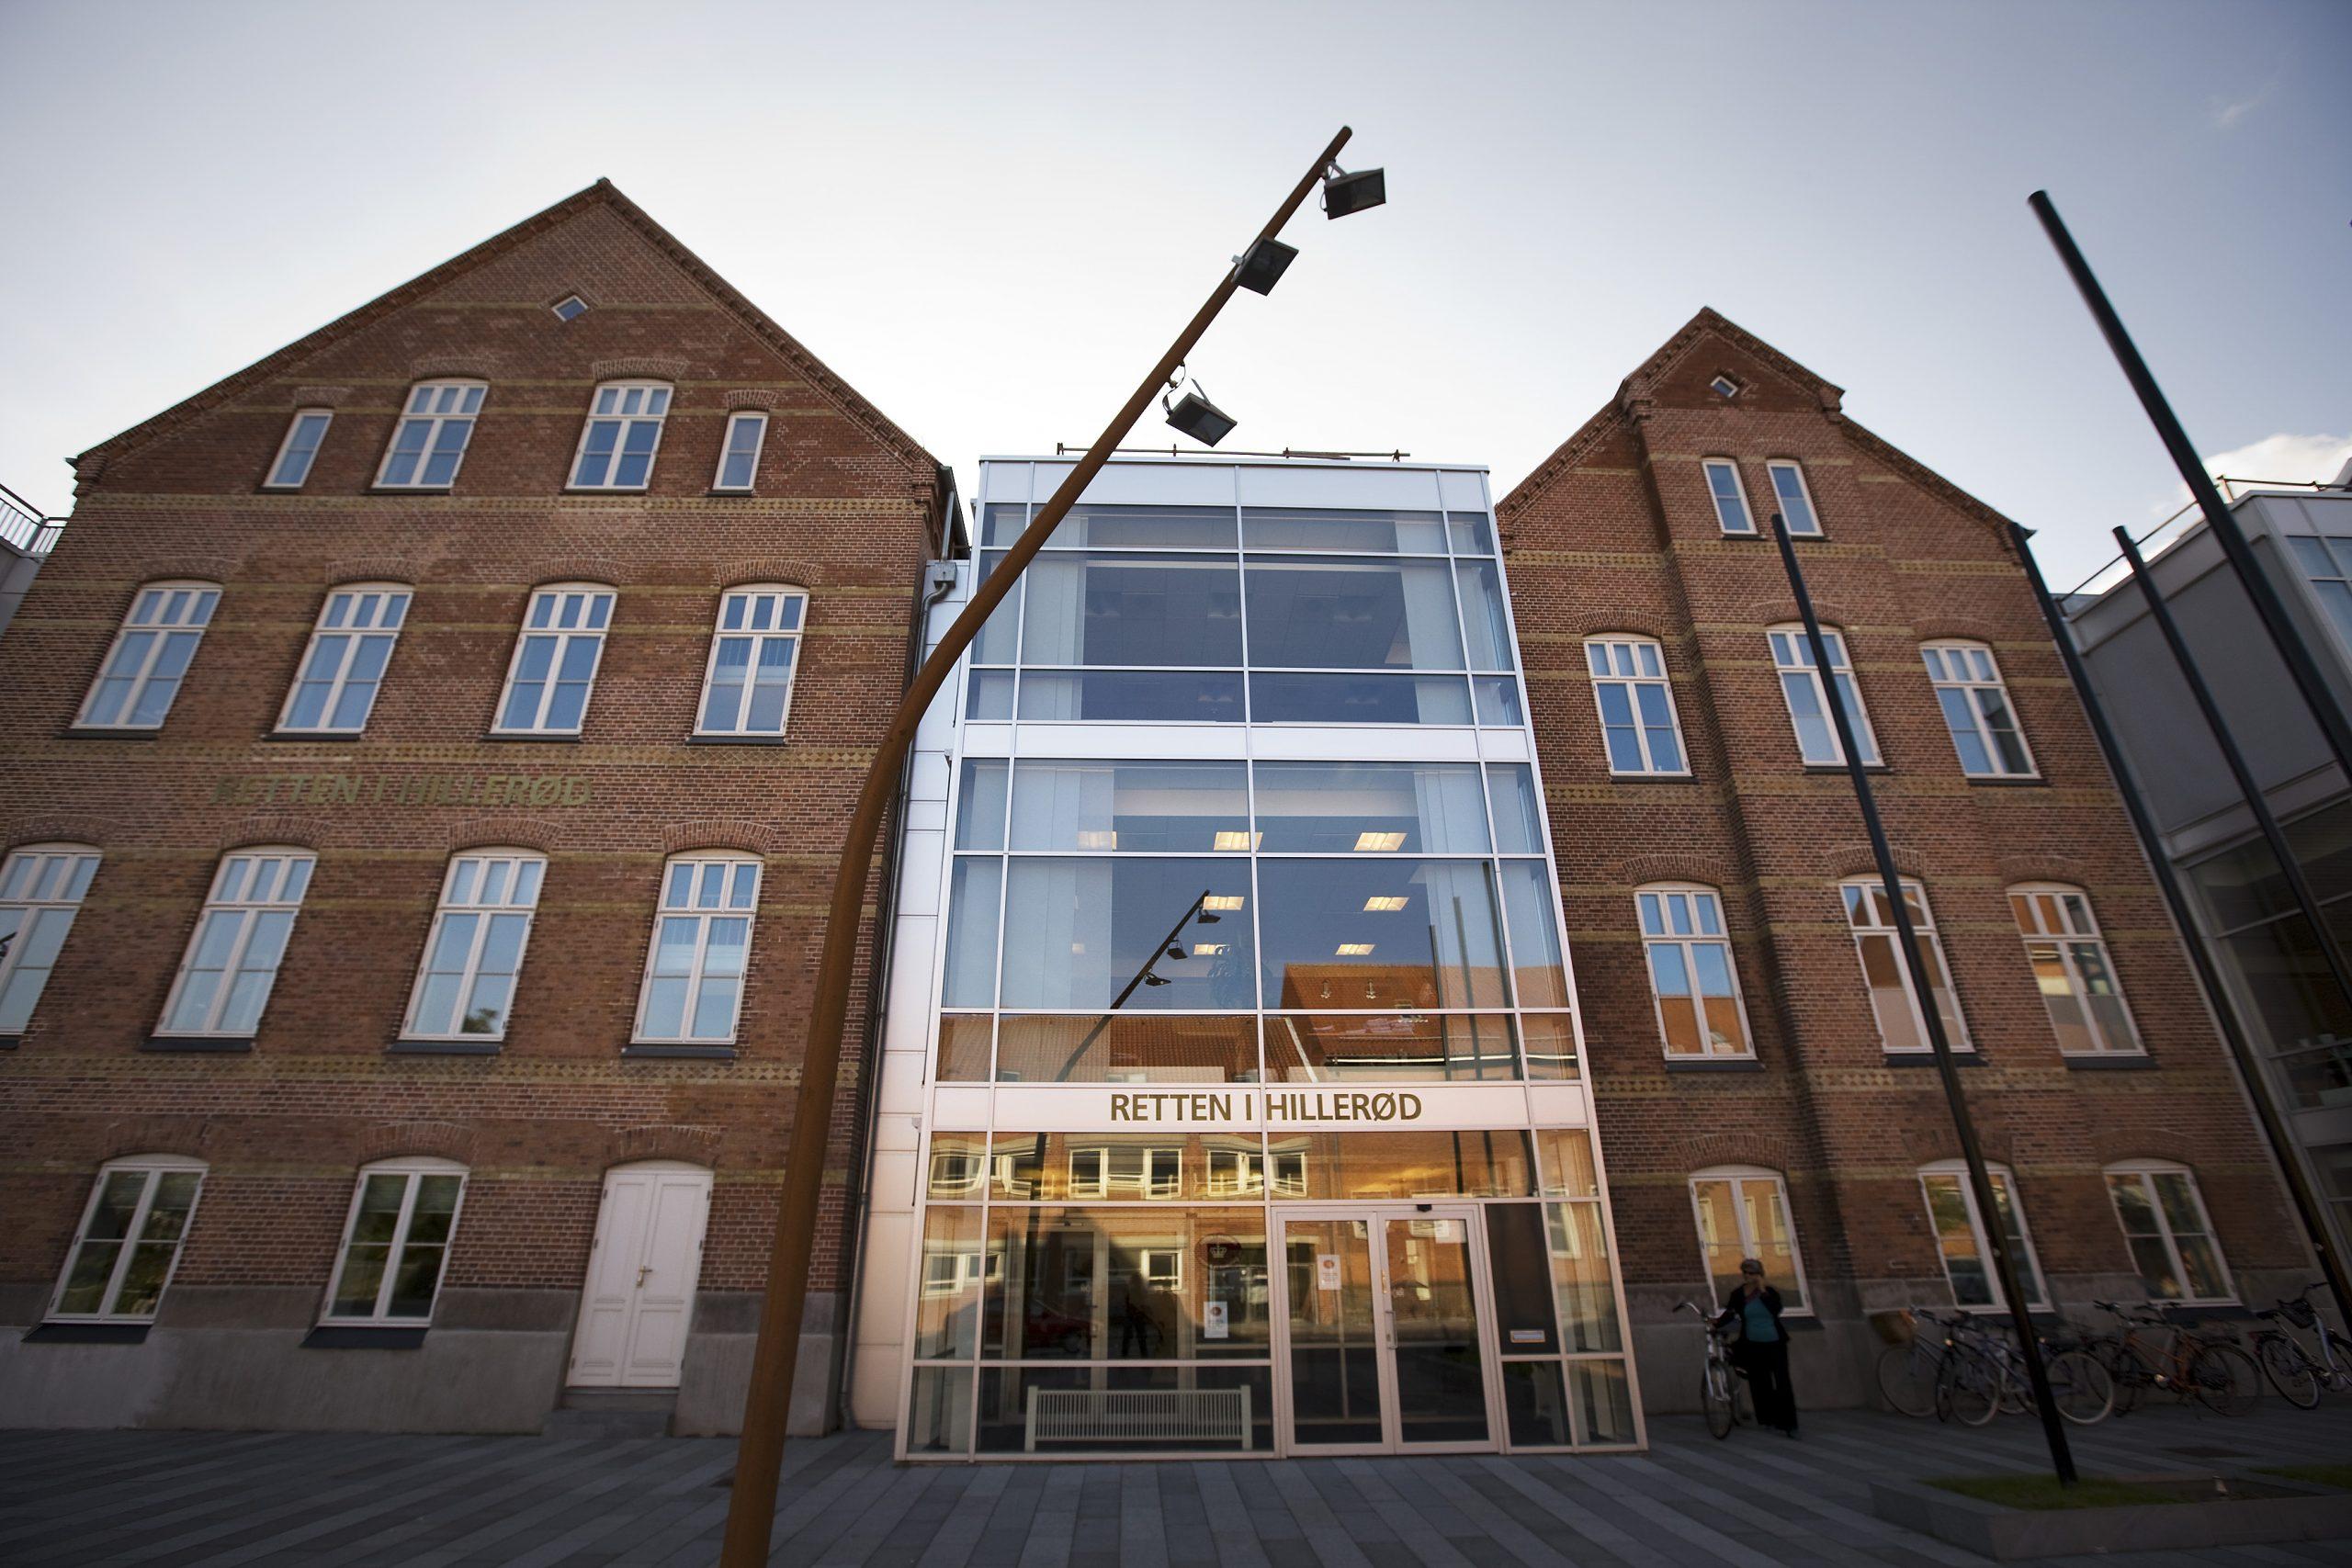 Retten i Hillerød lagde hus til sagen mod Jesper Rosendahl Gregersen. Pressefoto: Per Johansen.